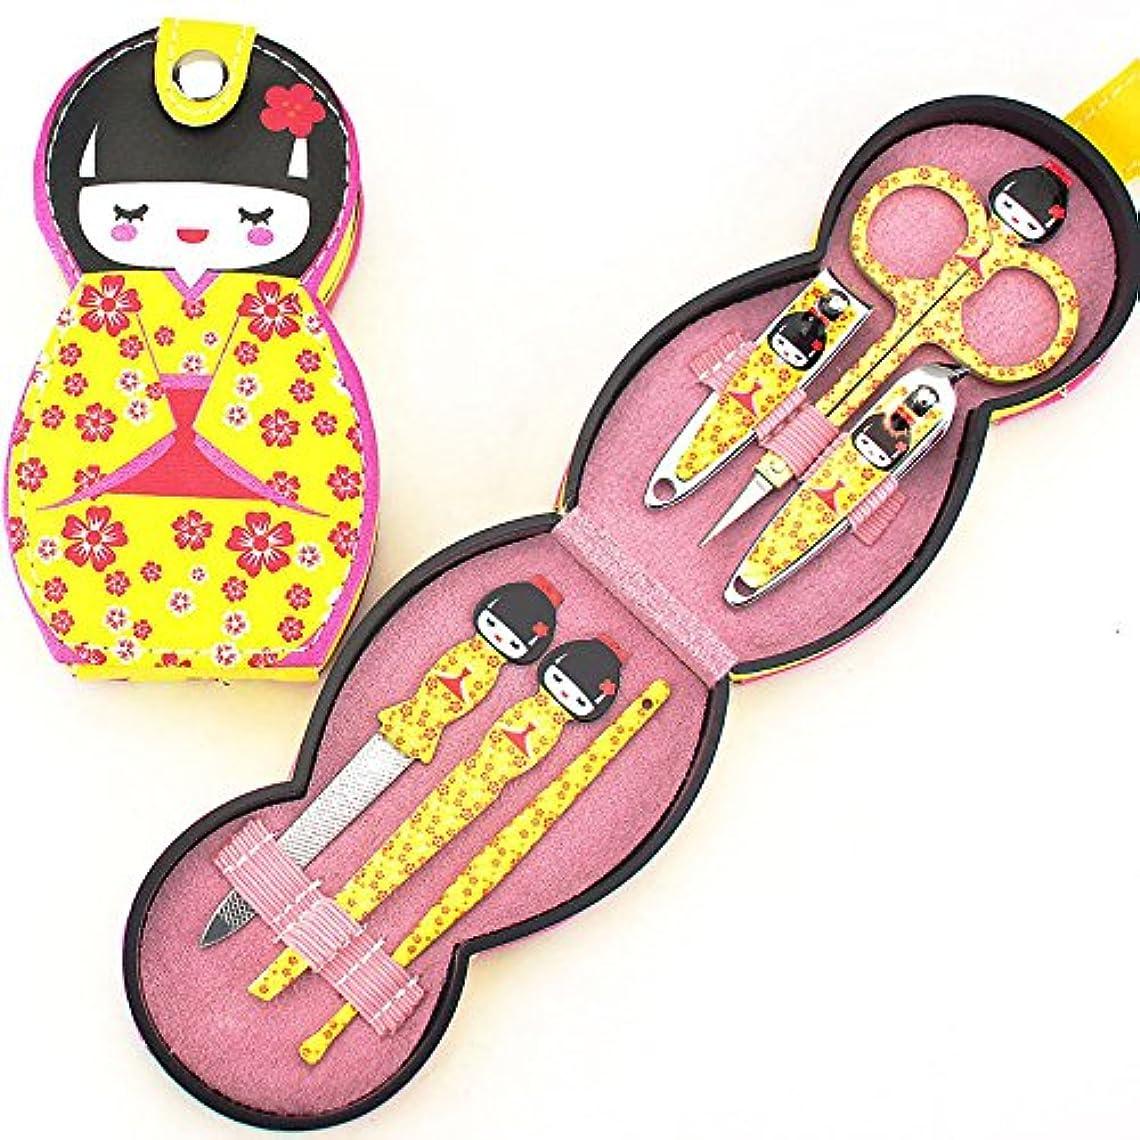 タウポ湖チャンピオンシップ記者Zlianhui 6ピース日本人形ネイルケアセット、ネイルケアセット装飾ネイル美容セット旅行 (Yellow)